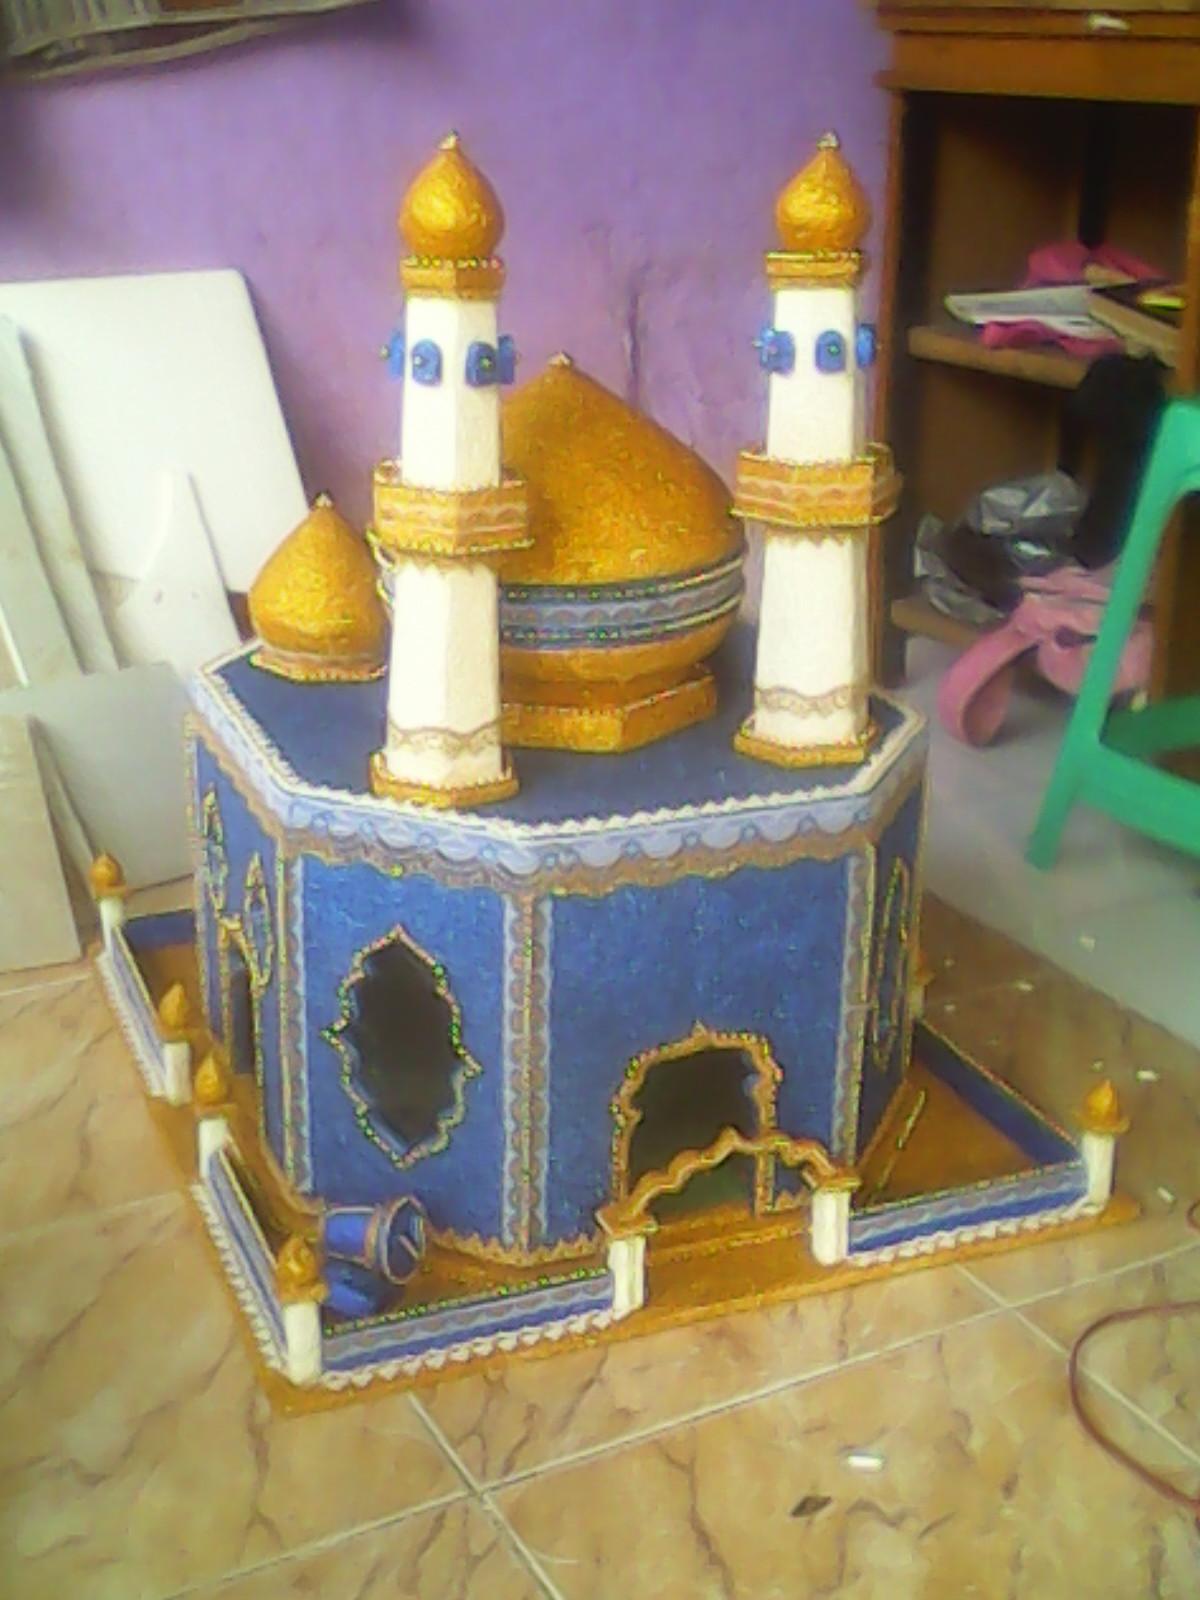 Miniatur Masjid Dari Styrofoam : miniatur, masjid, styrofoam, Glitter's, Craft, Depok, Hantaran, Nikah, Parcel, Dekorasi, Ruangan, Hiasan, Ornamen, Aksesoris, Ramadhan, Fitri